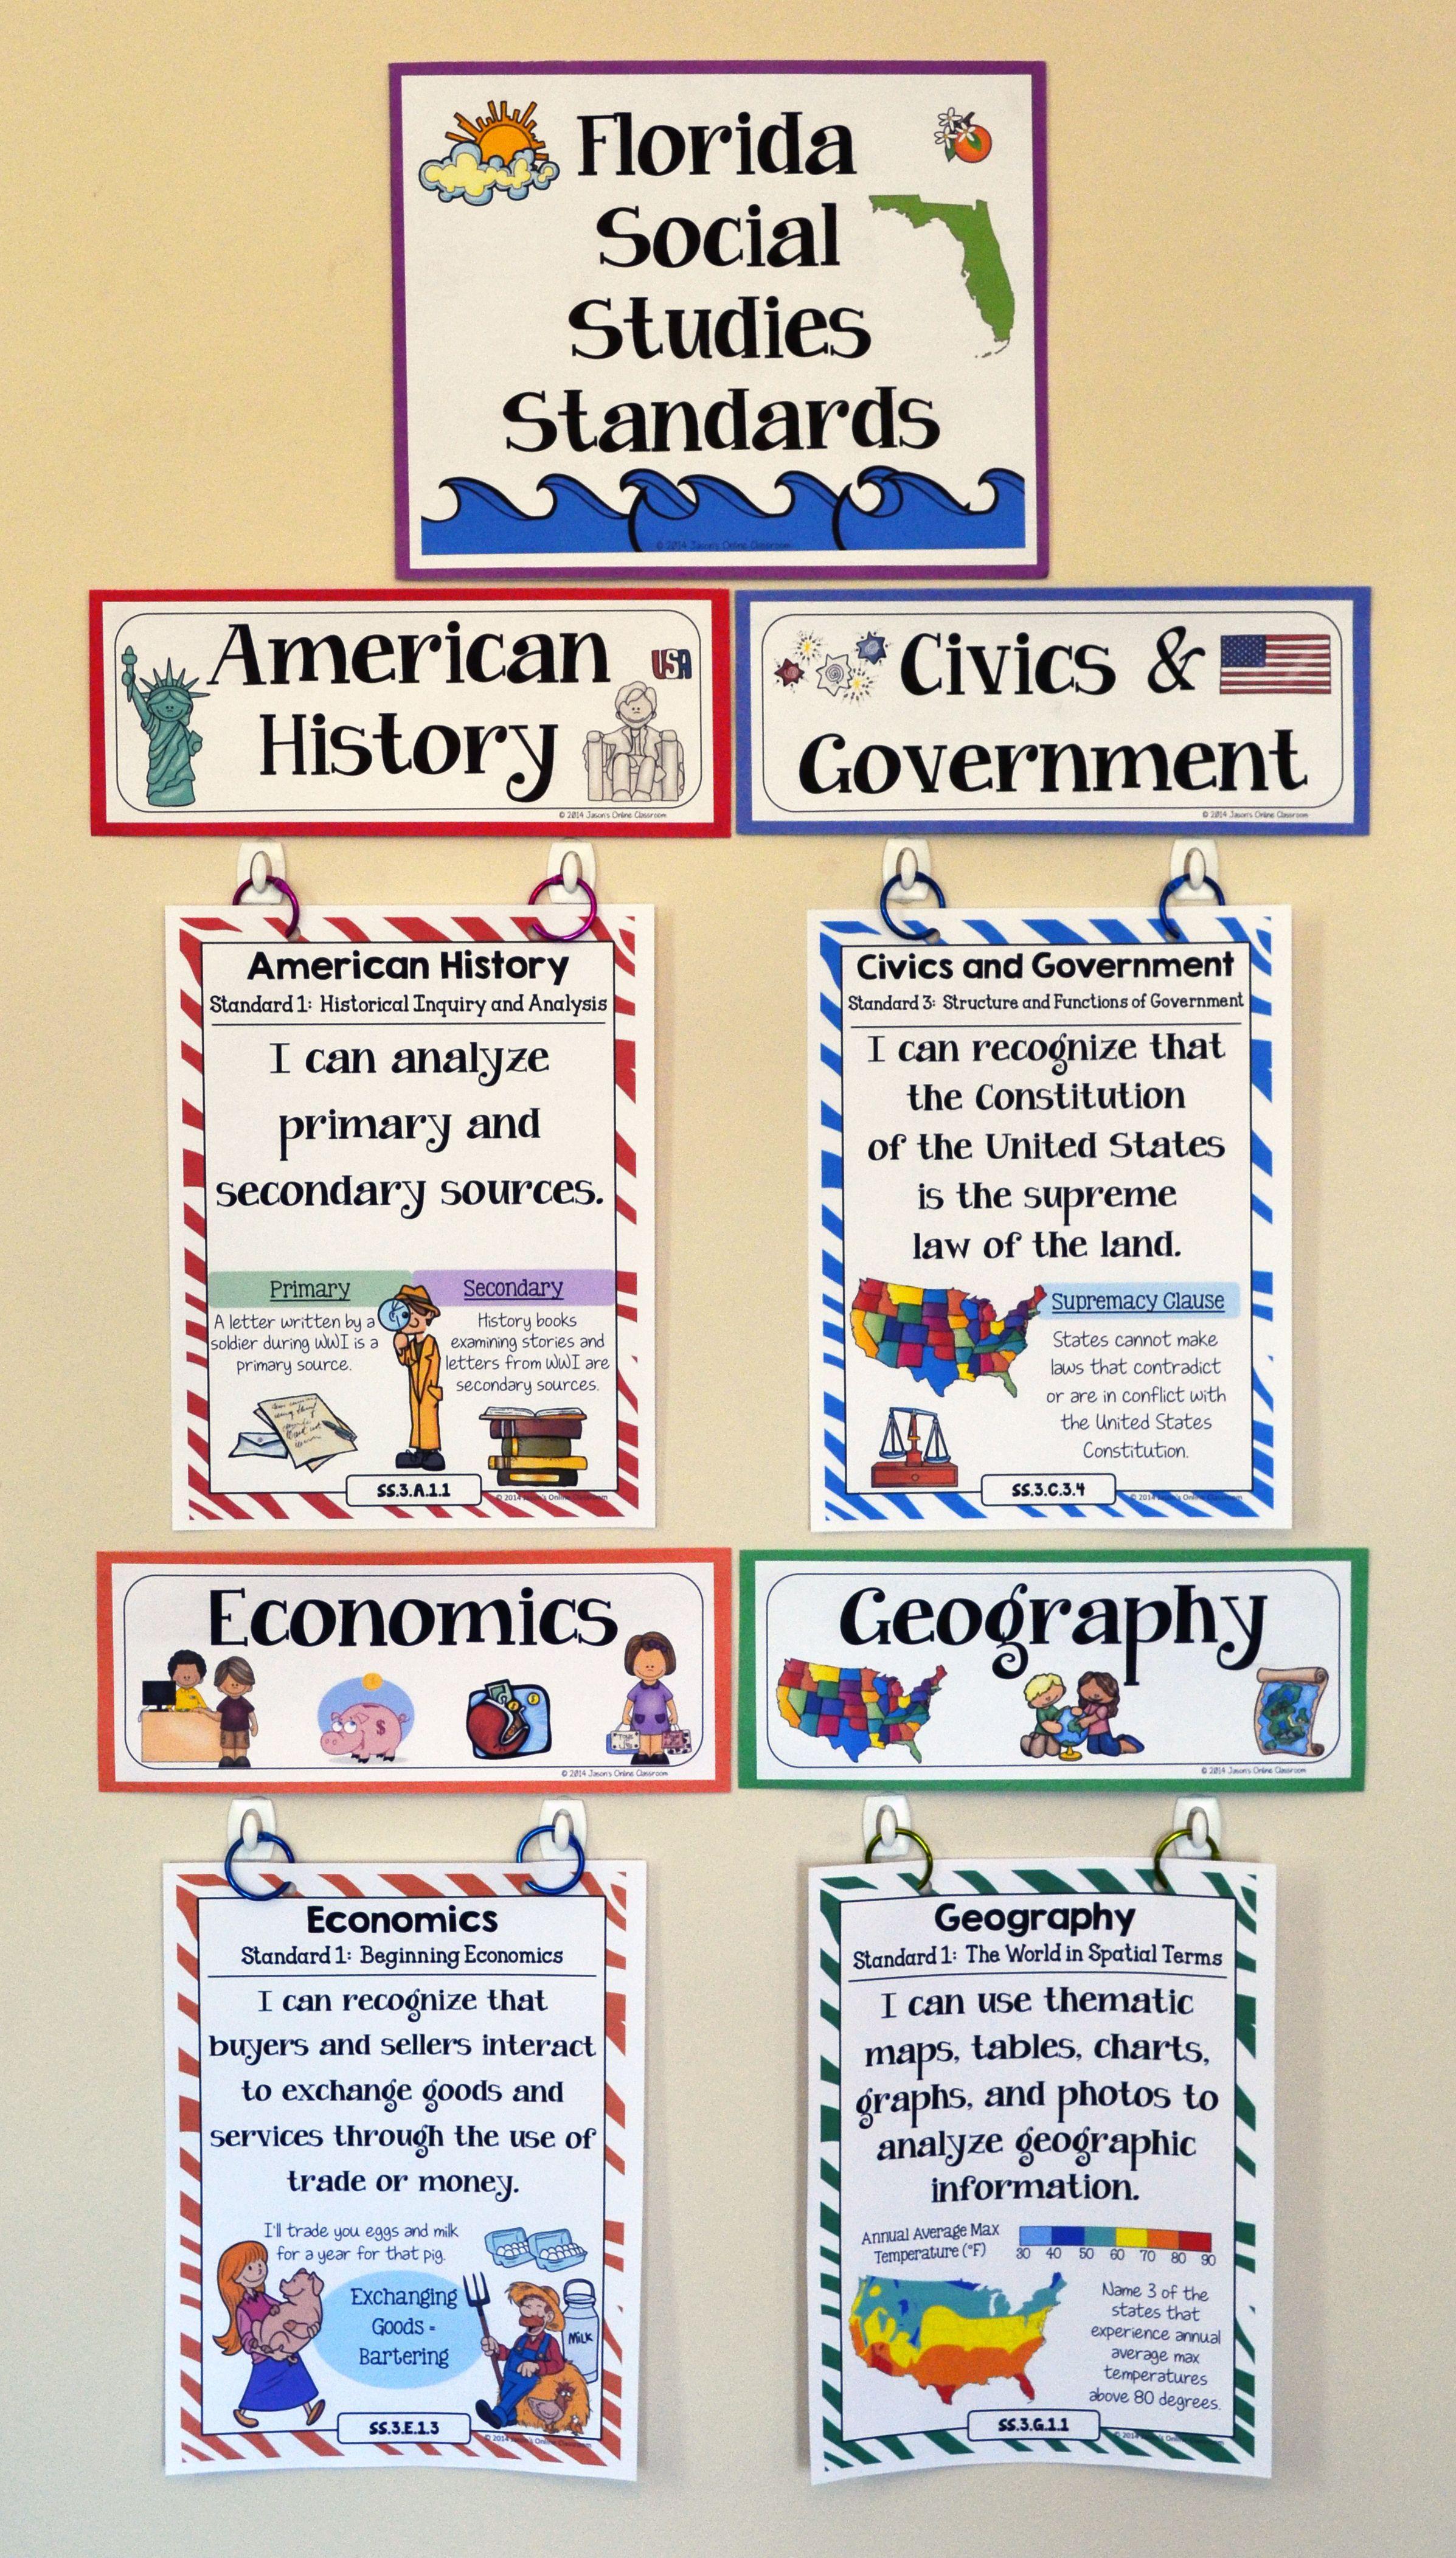 hight resolution of Florida Social Studies Standards - 3rd Grade   Social studies